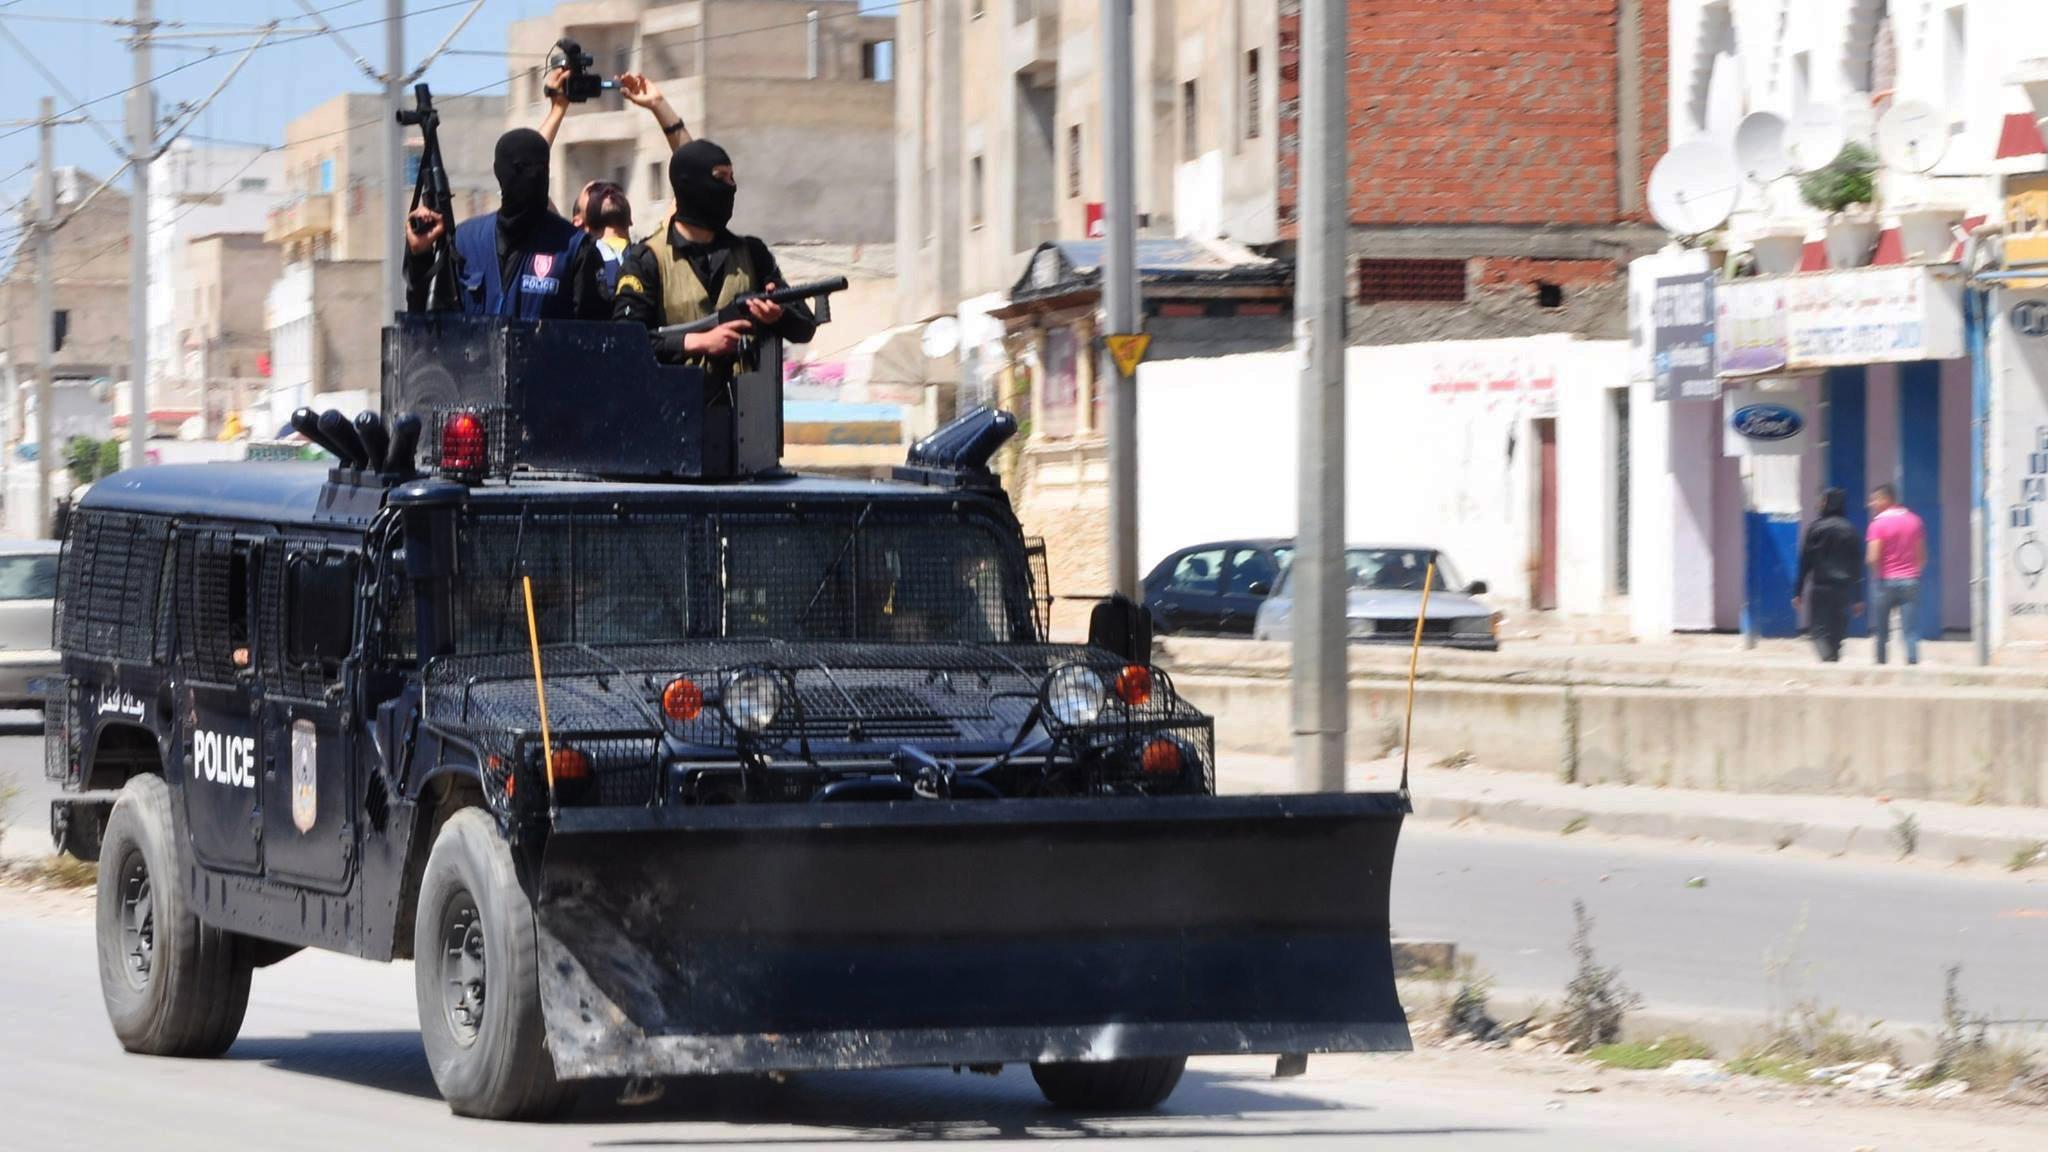 Polizei-Fahrzeug, von dem zwei schwerbewaffnete Polizisten runterschauen.